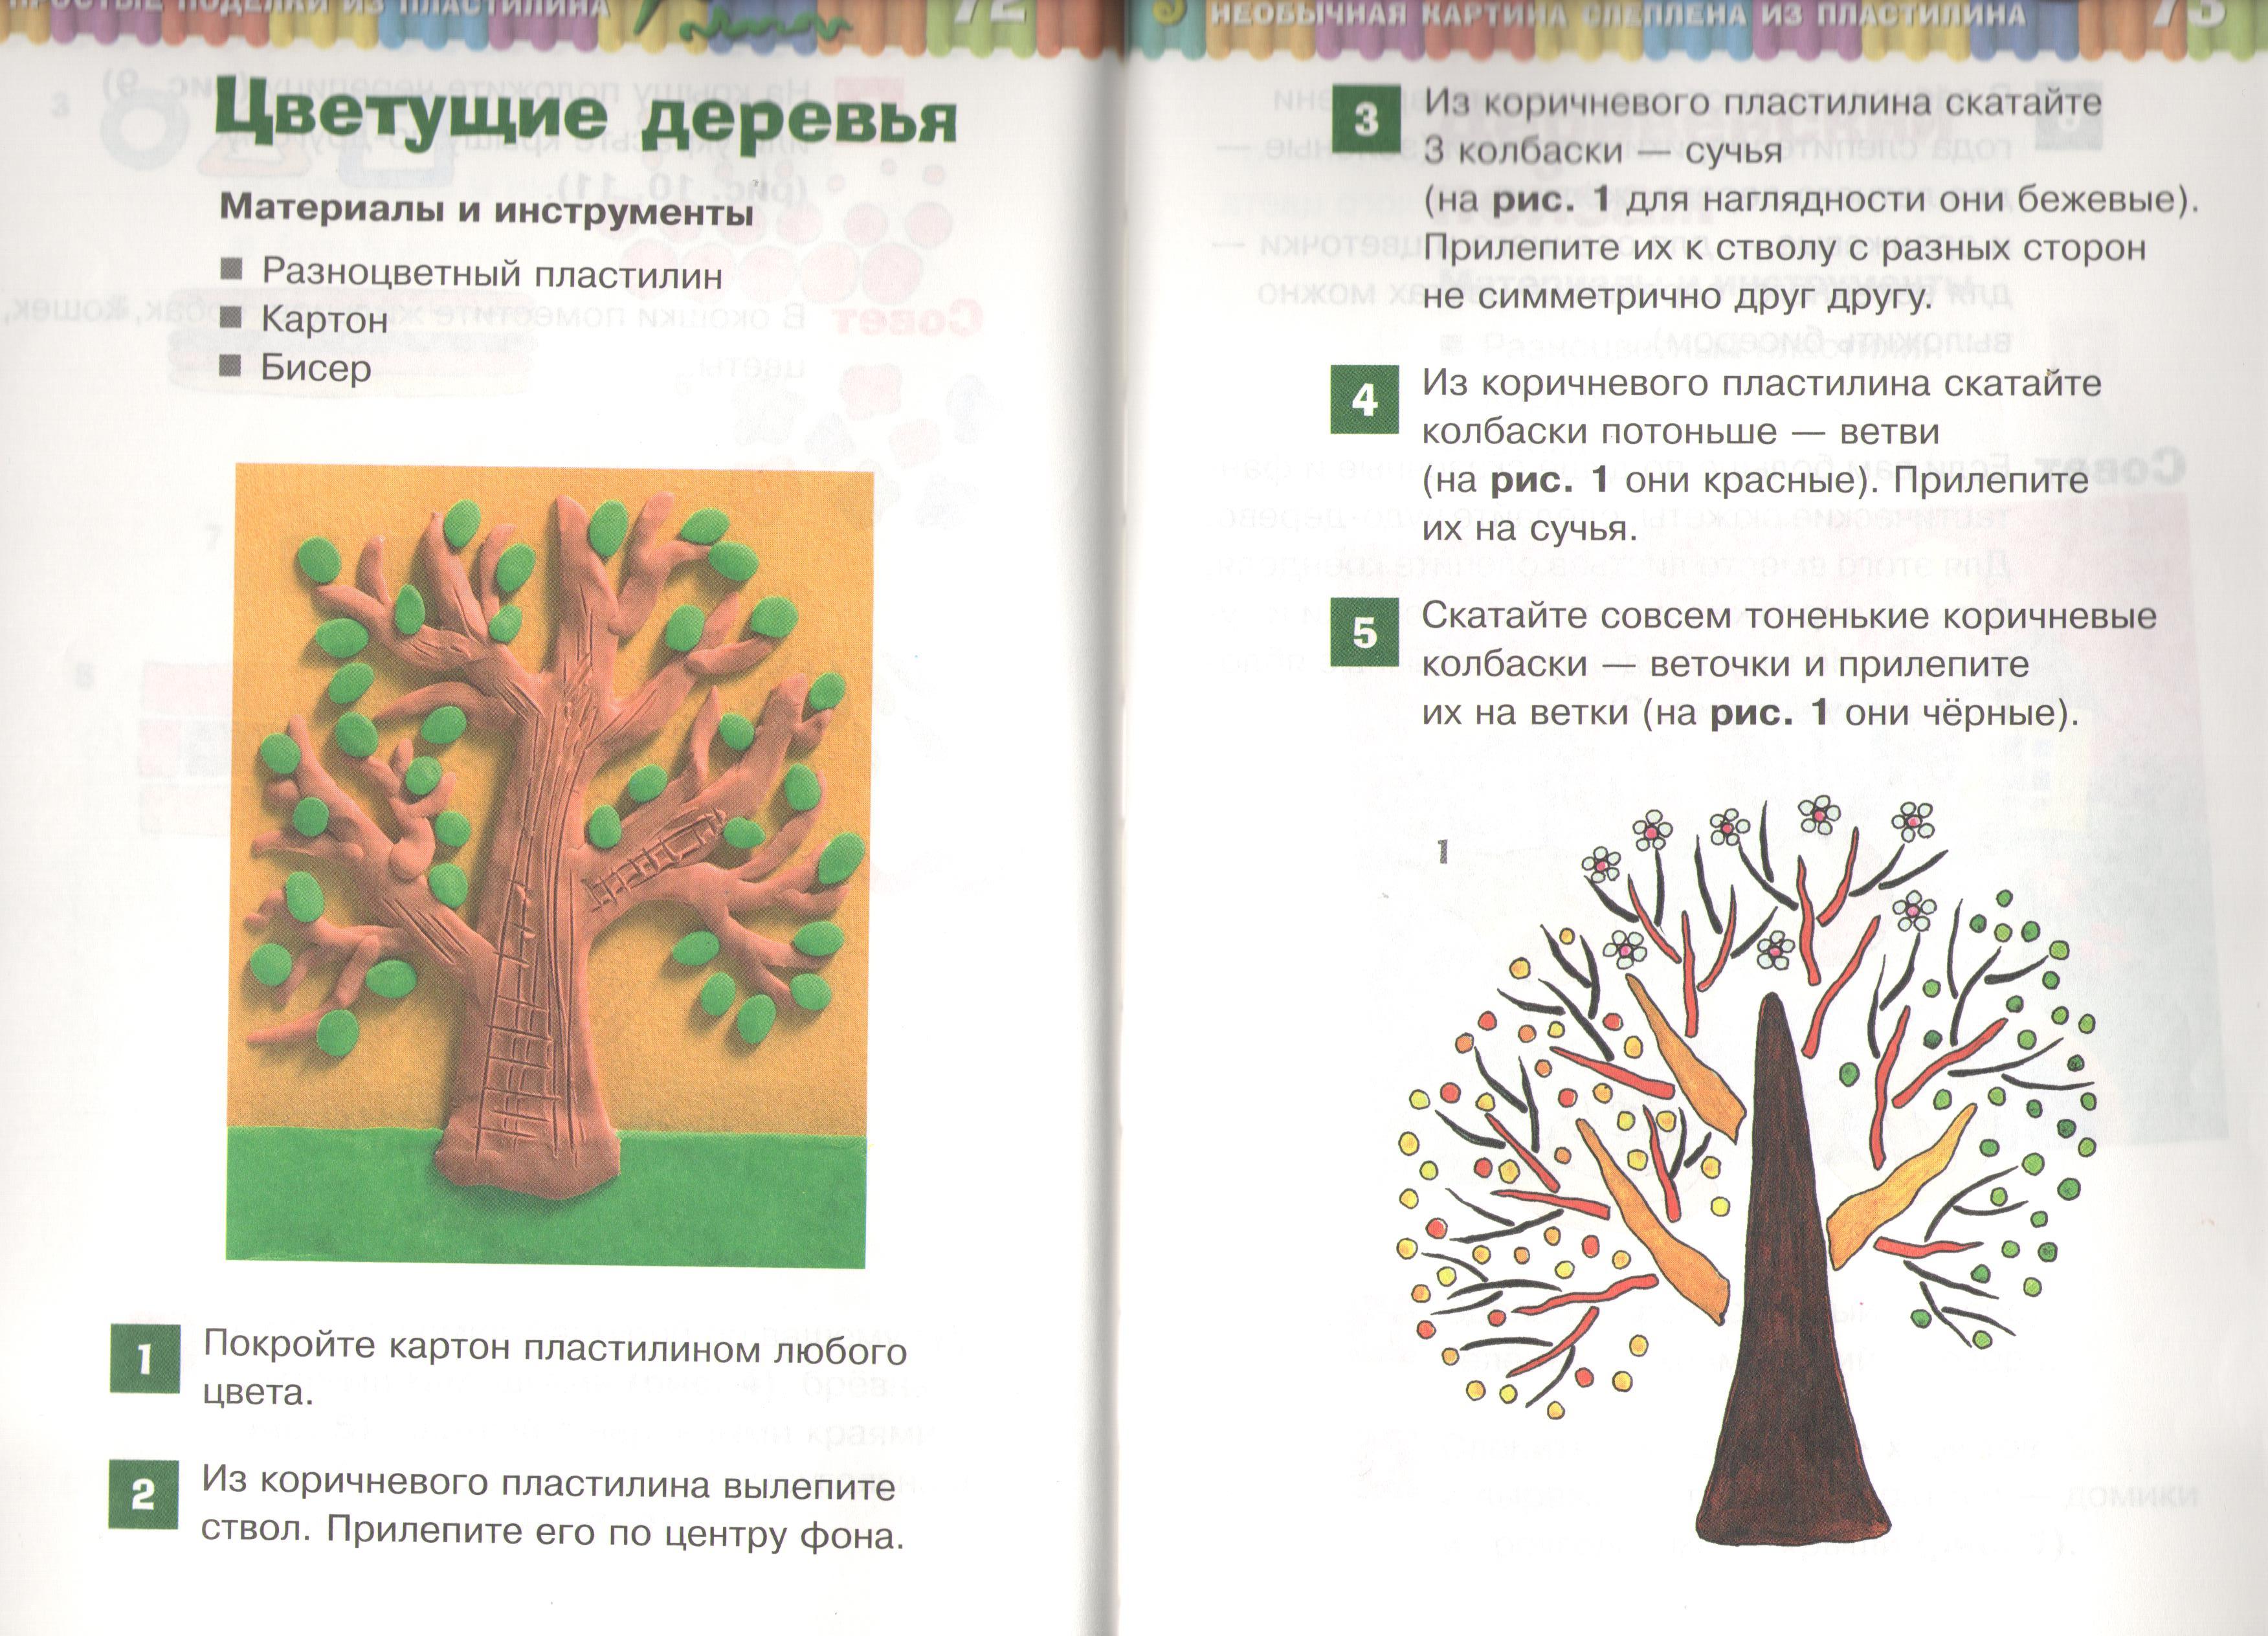 C:\Users\Admin\Desktop\Работа с пластилином\пластилин-цветущие деревья 001.jpg